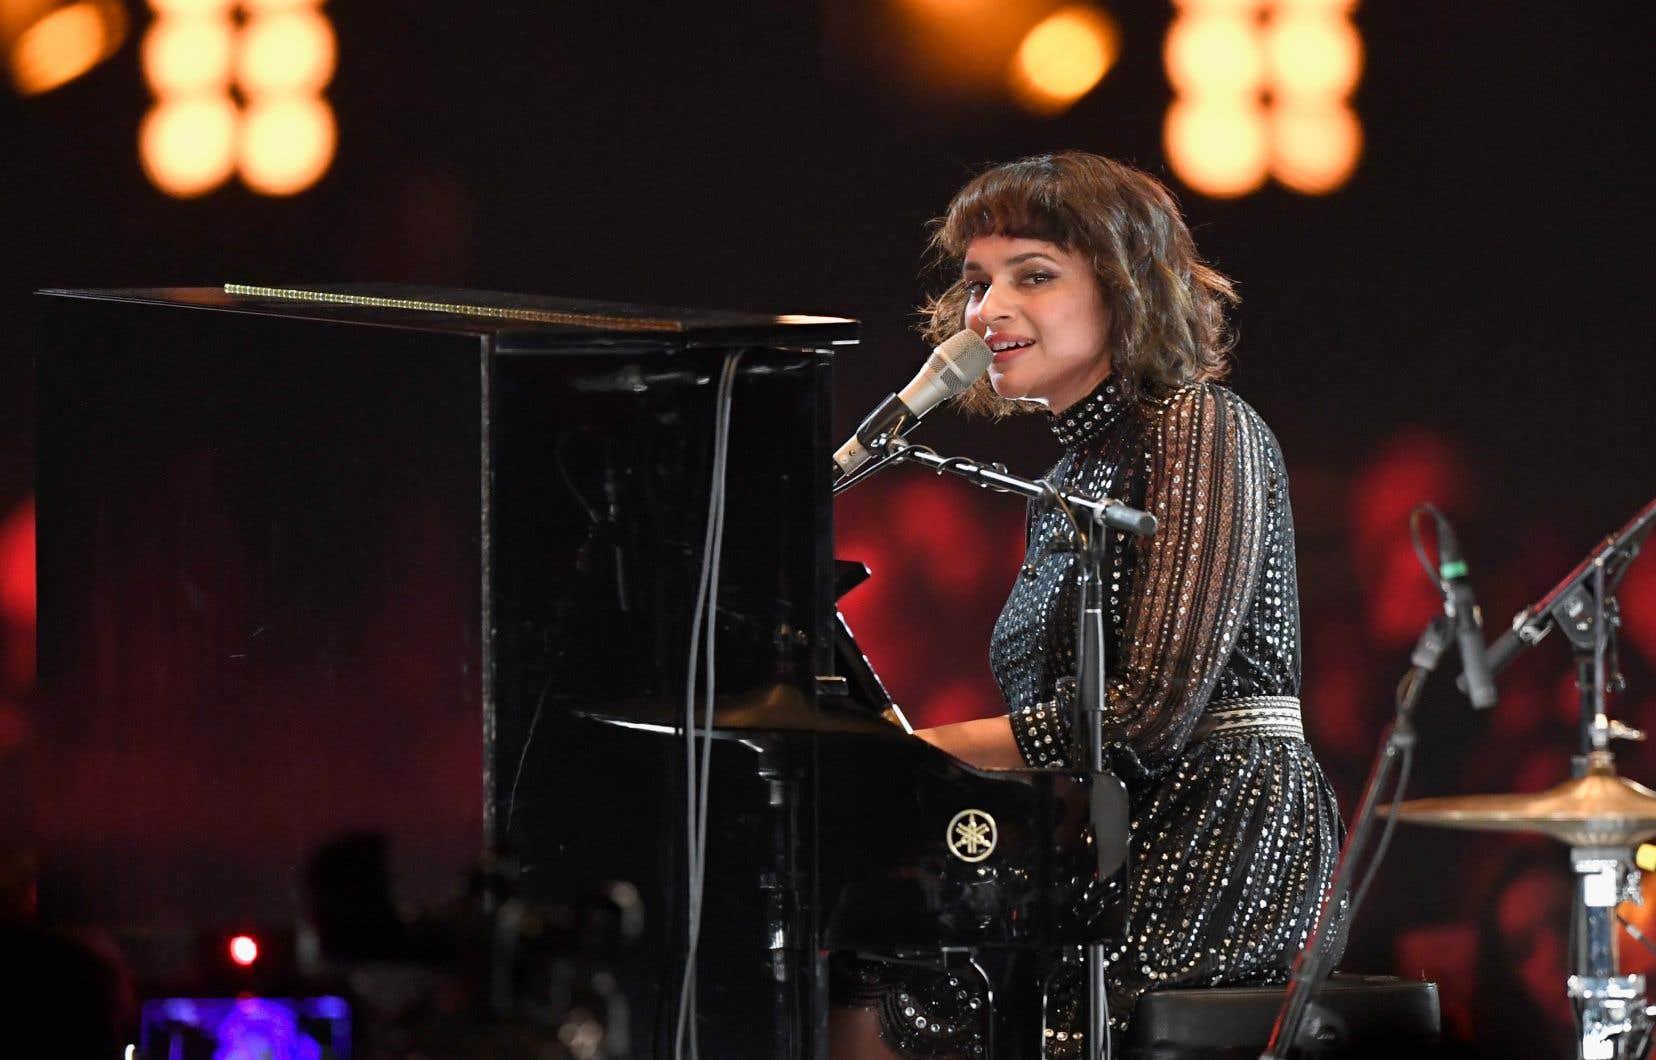 Norah Jones, chanteuse, fera partie de la40eédition du Festival international de jazz de Montréal (FIJM).